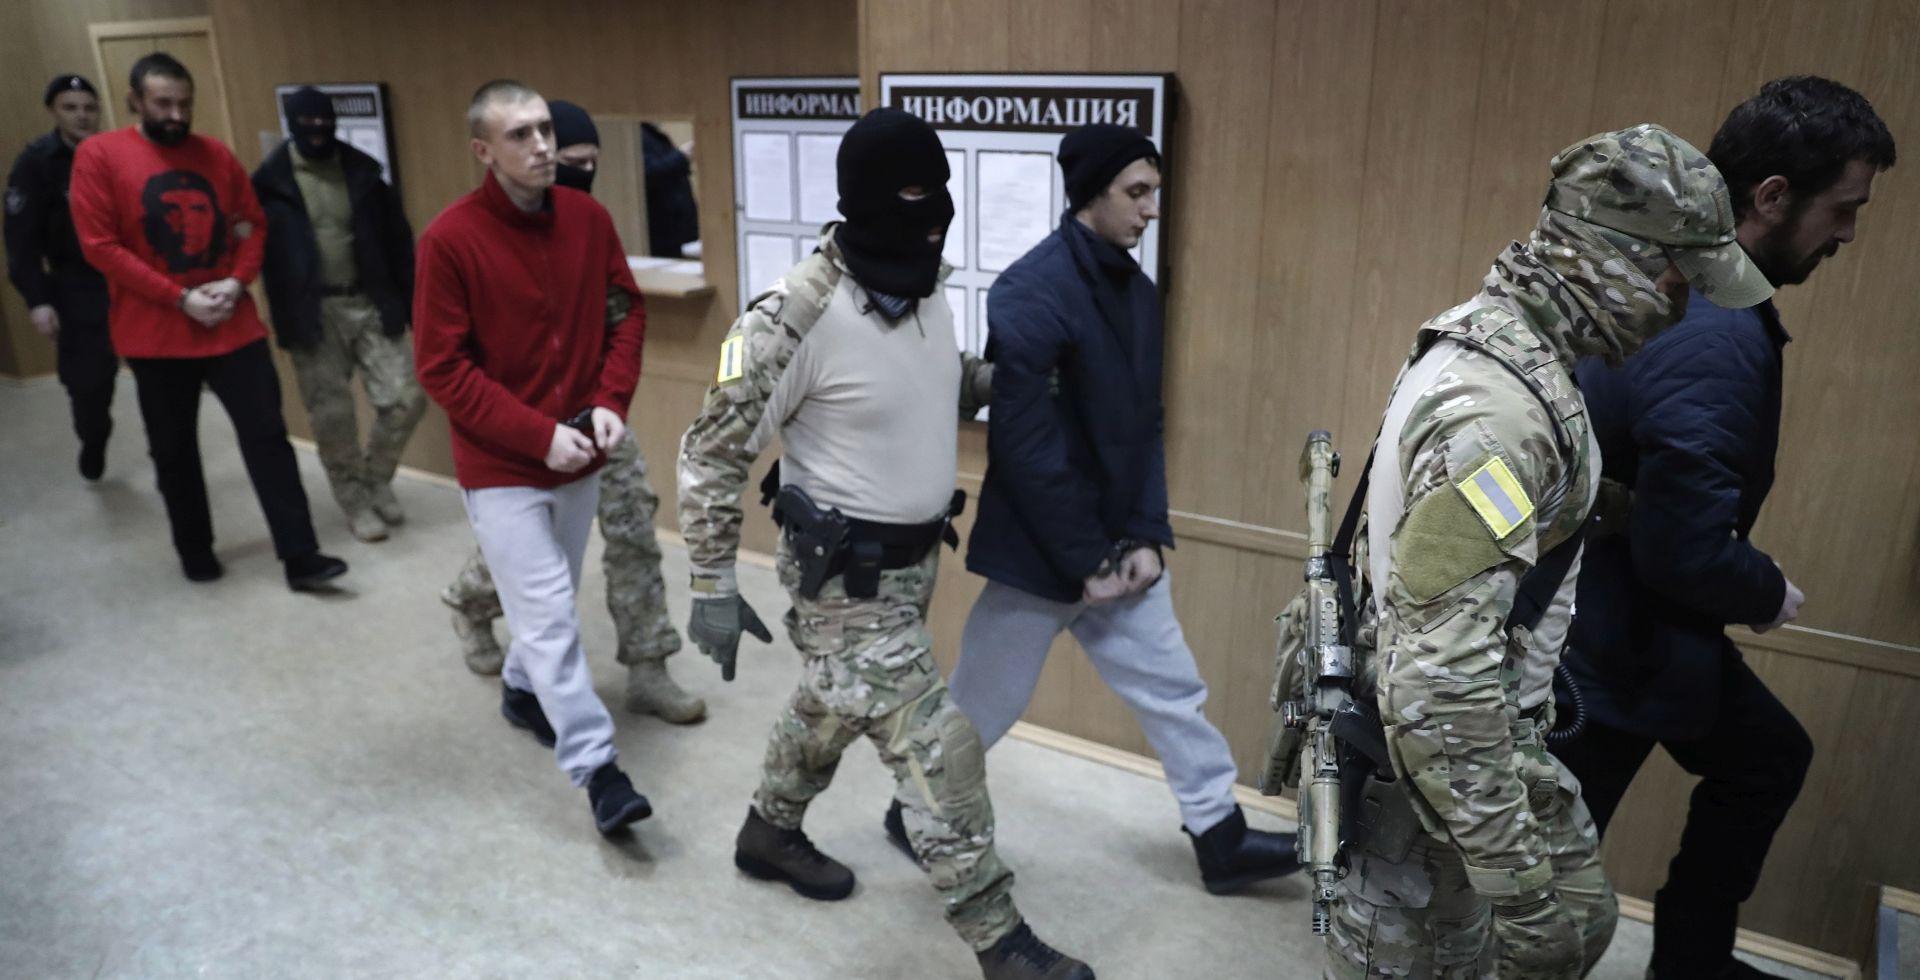 Rusija odlučila zadržati ukrajinske mornare u pritvoru do 24. travnja